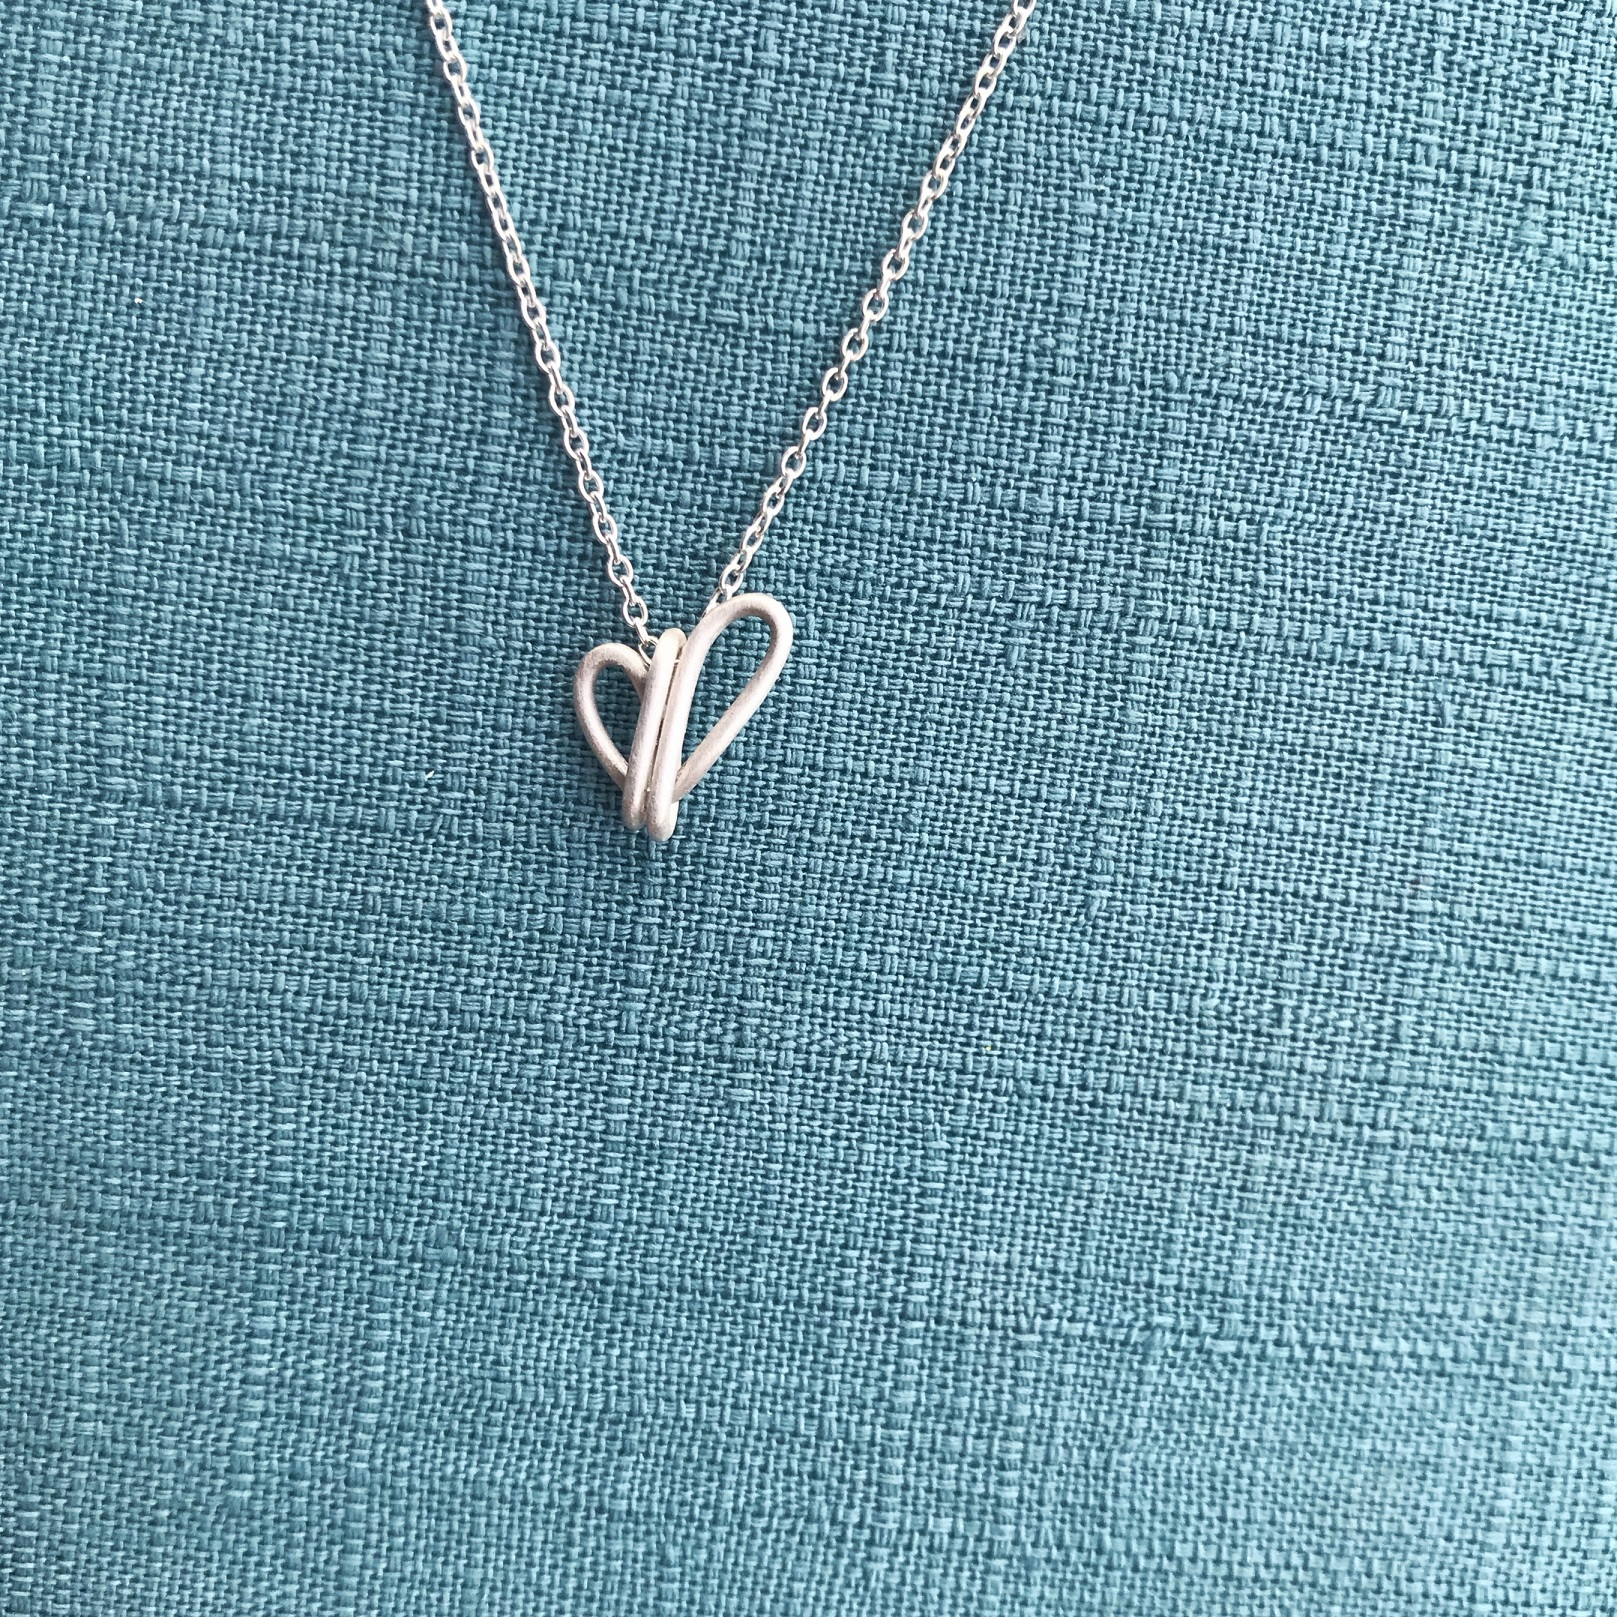 純銀項鍊 - 不對稱愛心